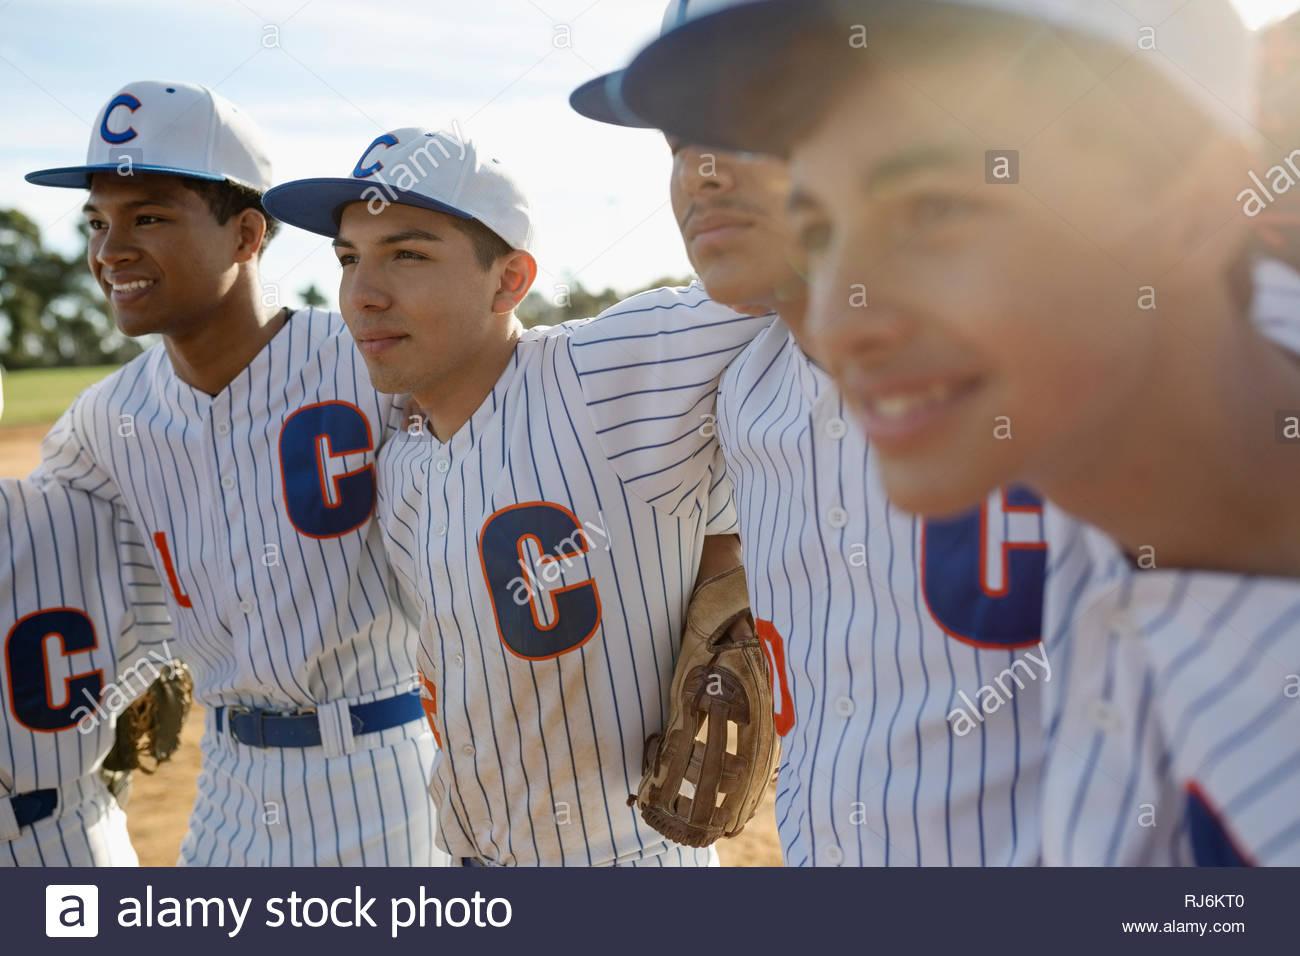 Confianza en el equipo de béisbol Latinx se apiñan Imagen De Stock